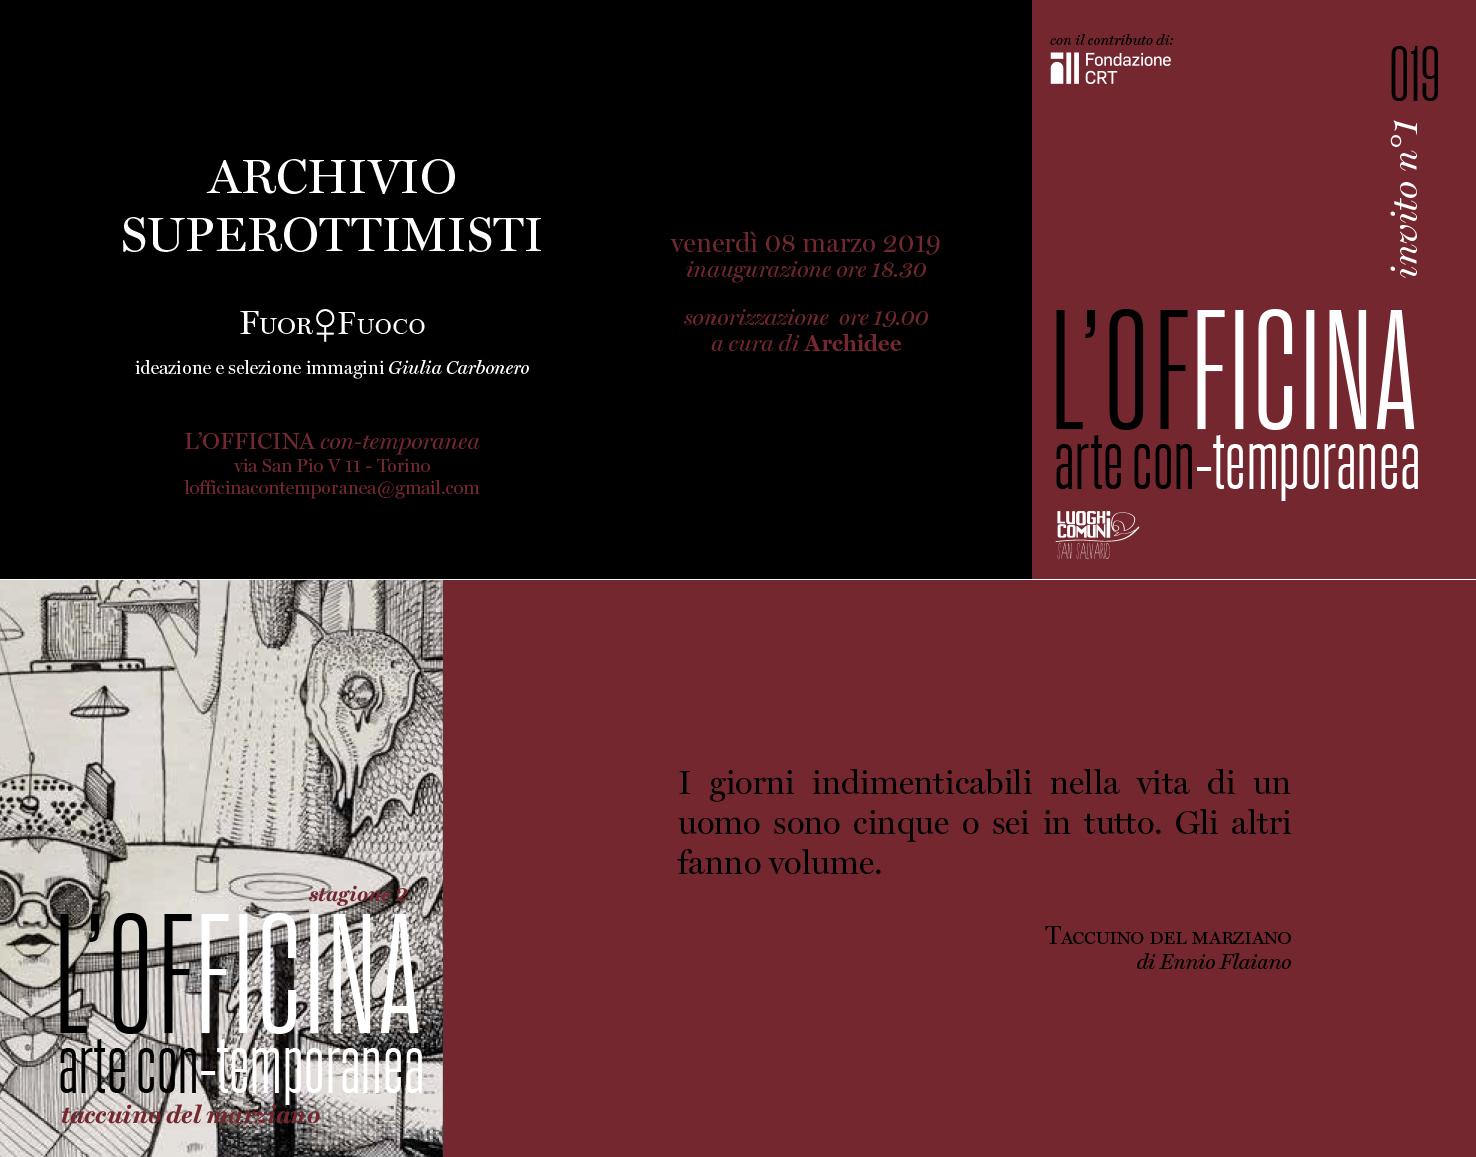 Superottimisti-FuoriFuoco_Invito-1